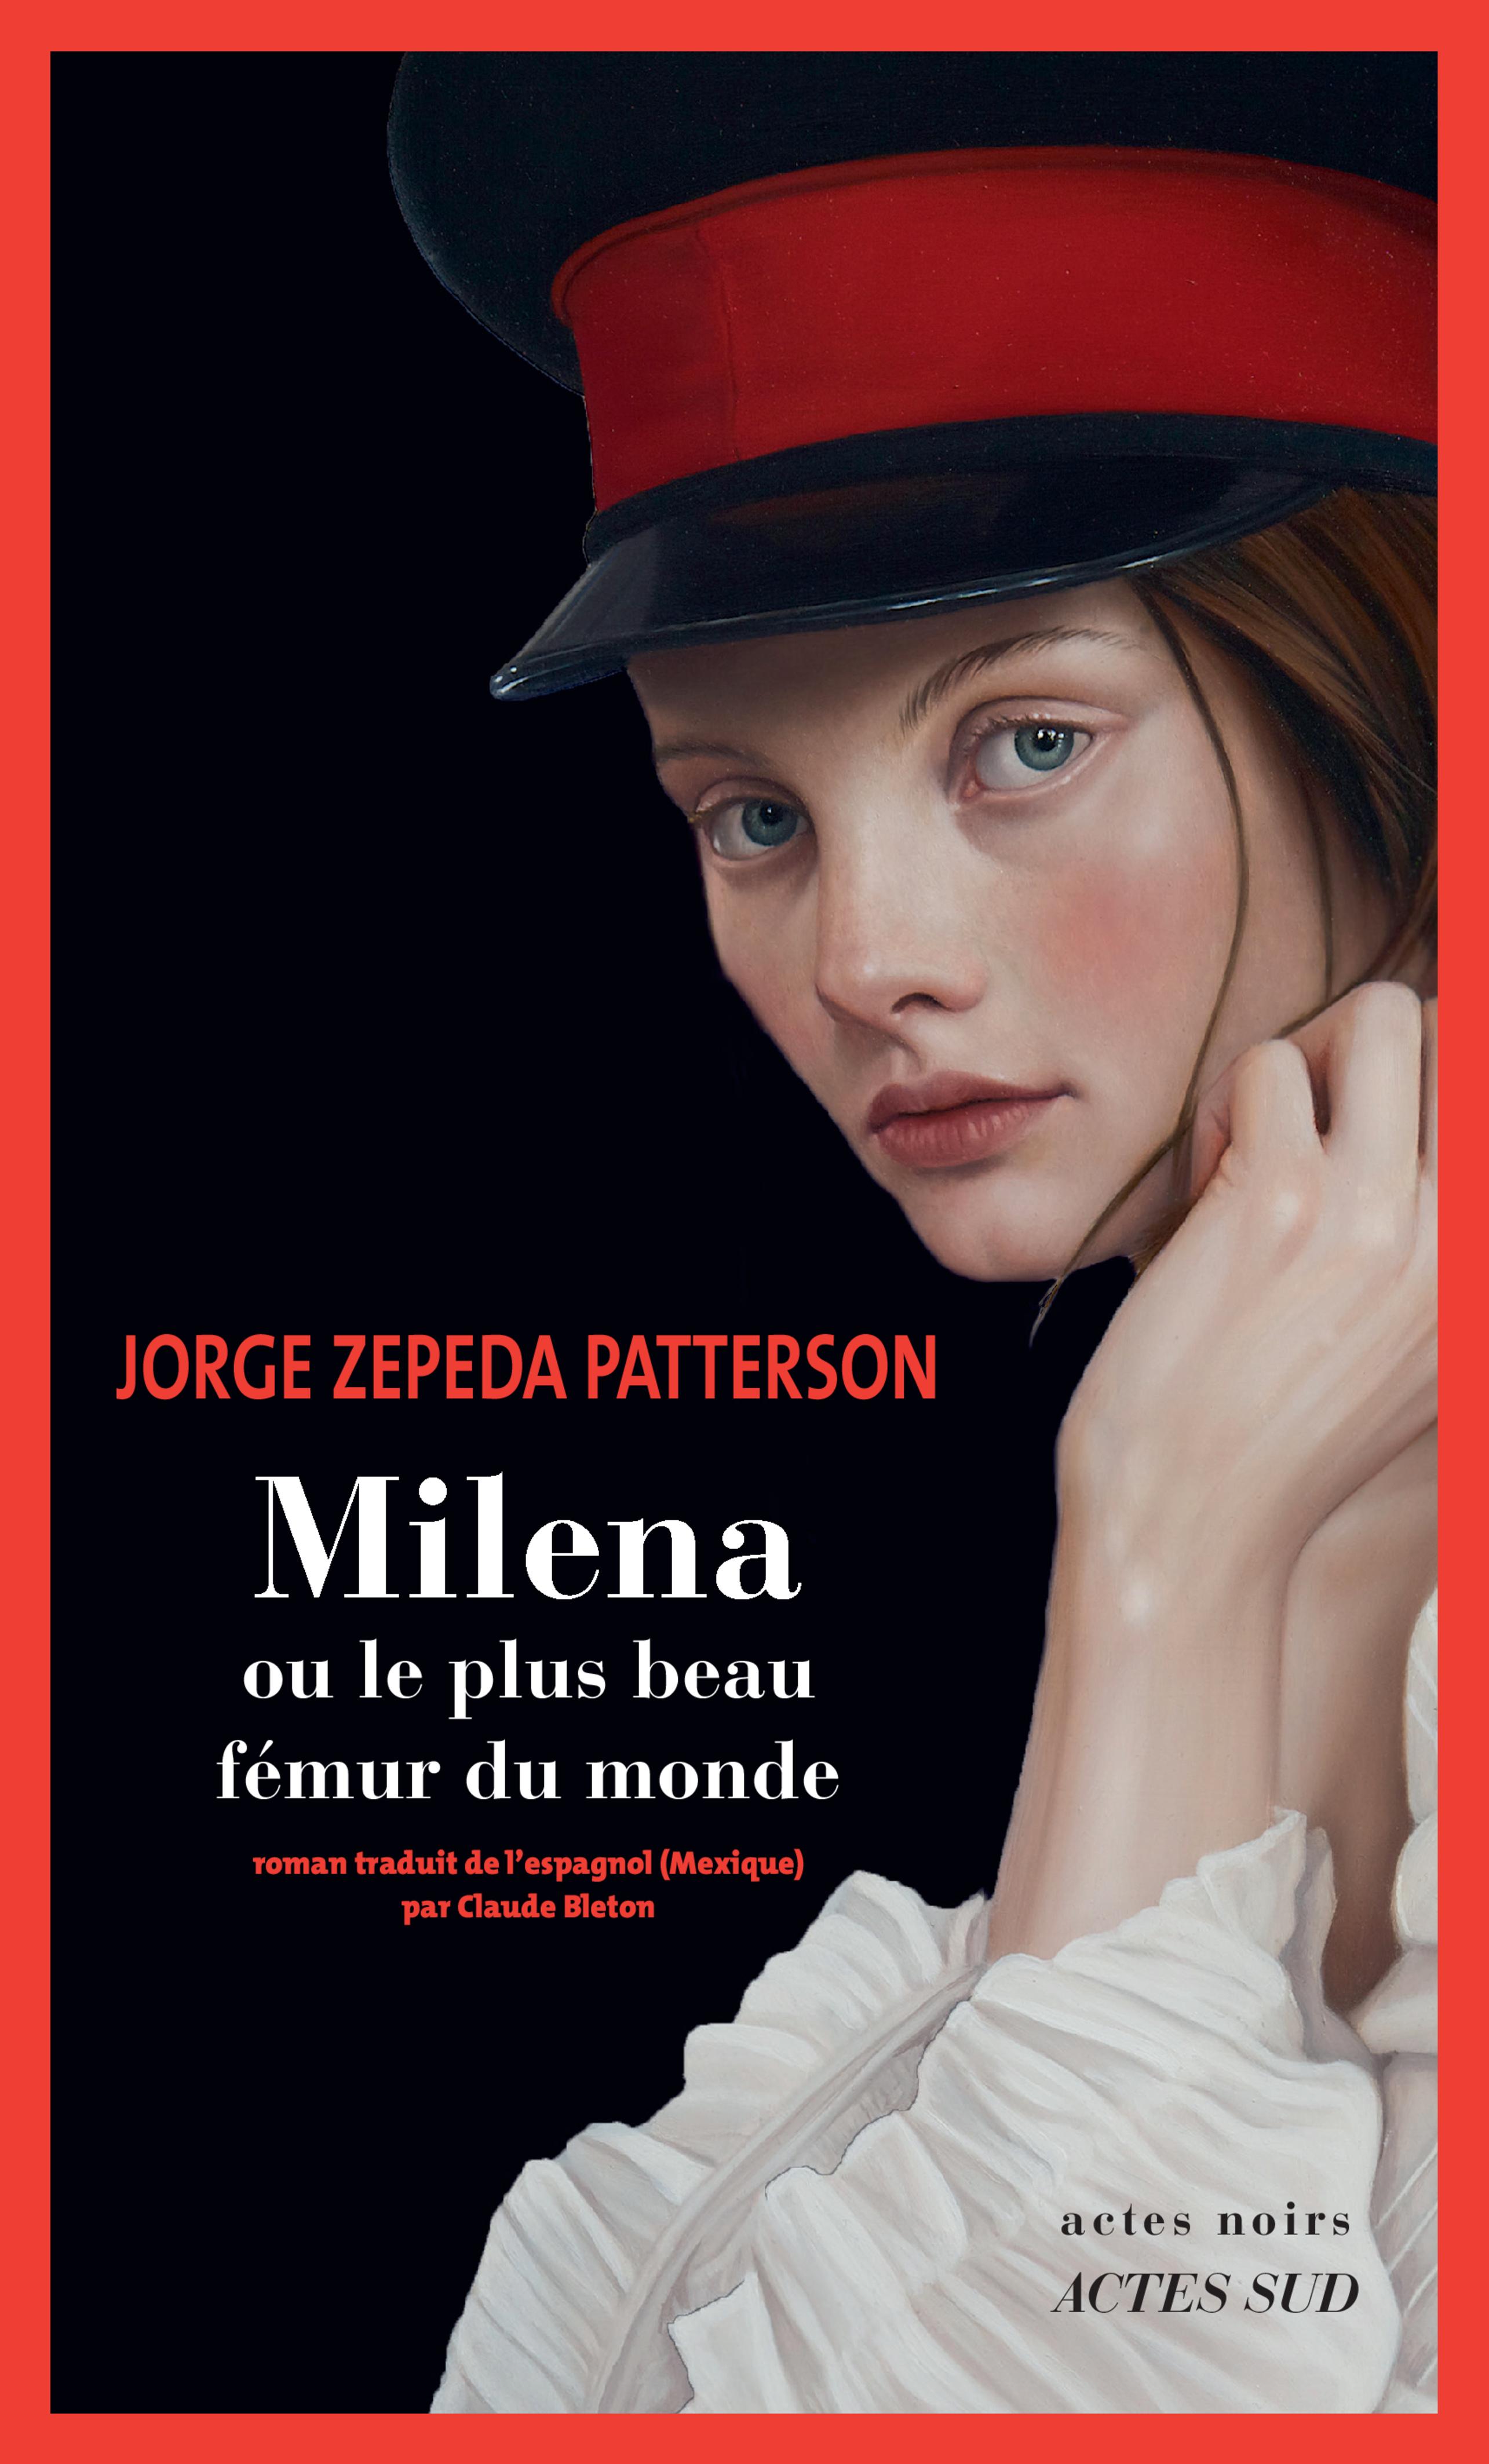 Milena ou le plus beau fémur du monde | Zepeda patterson, Jorge